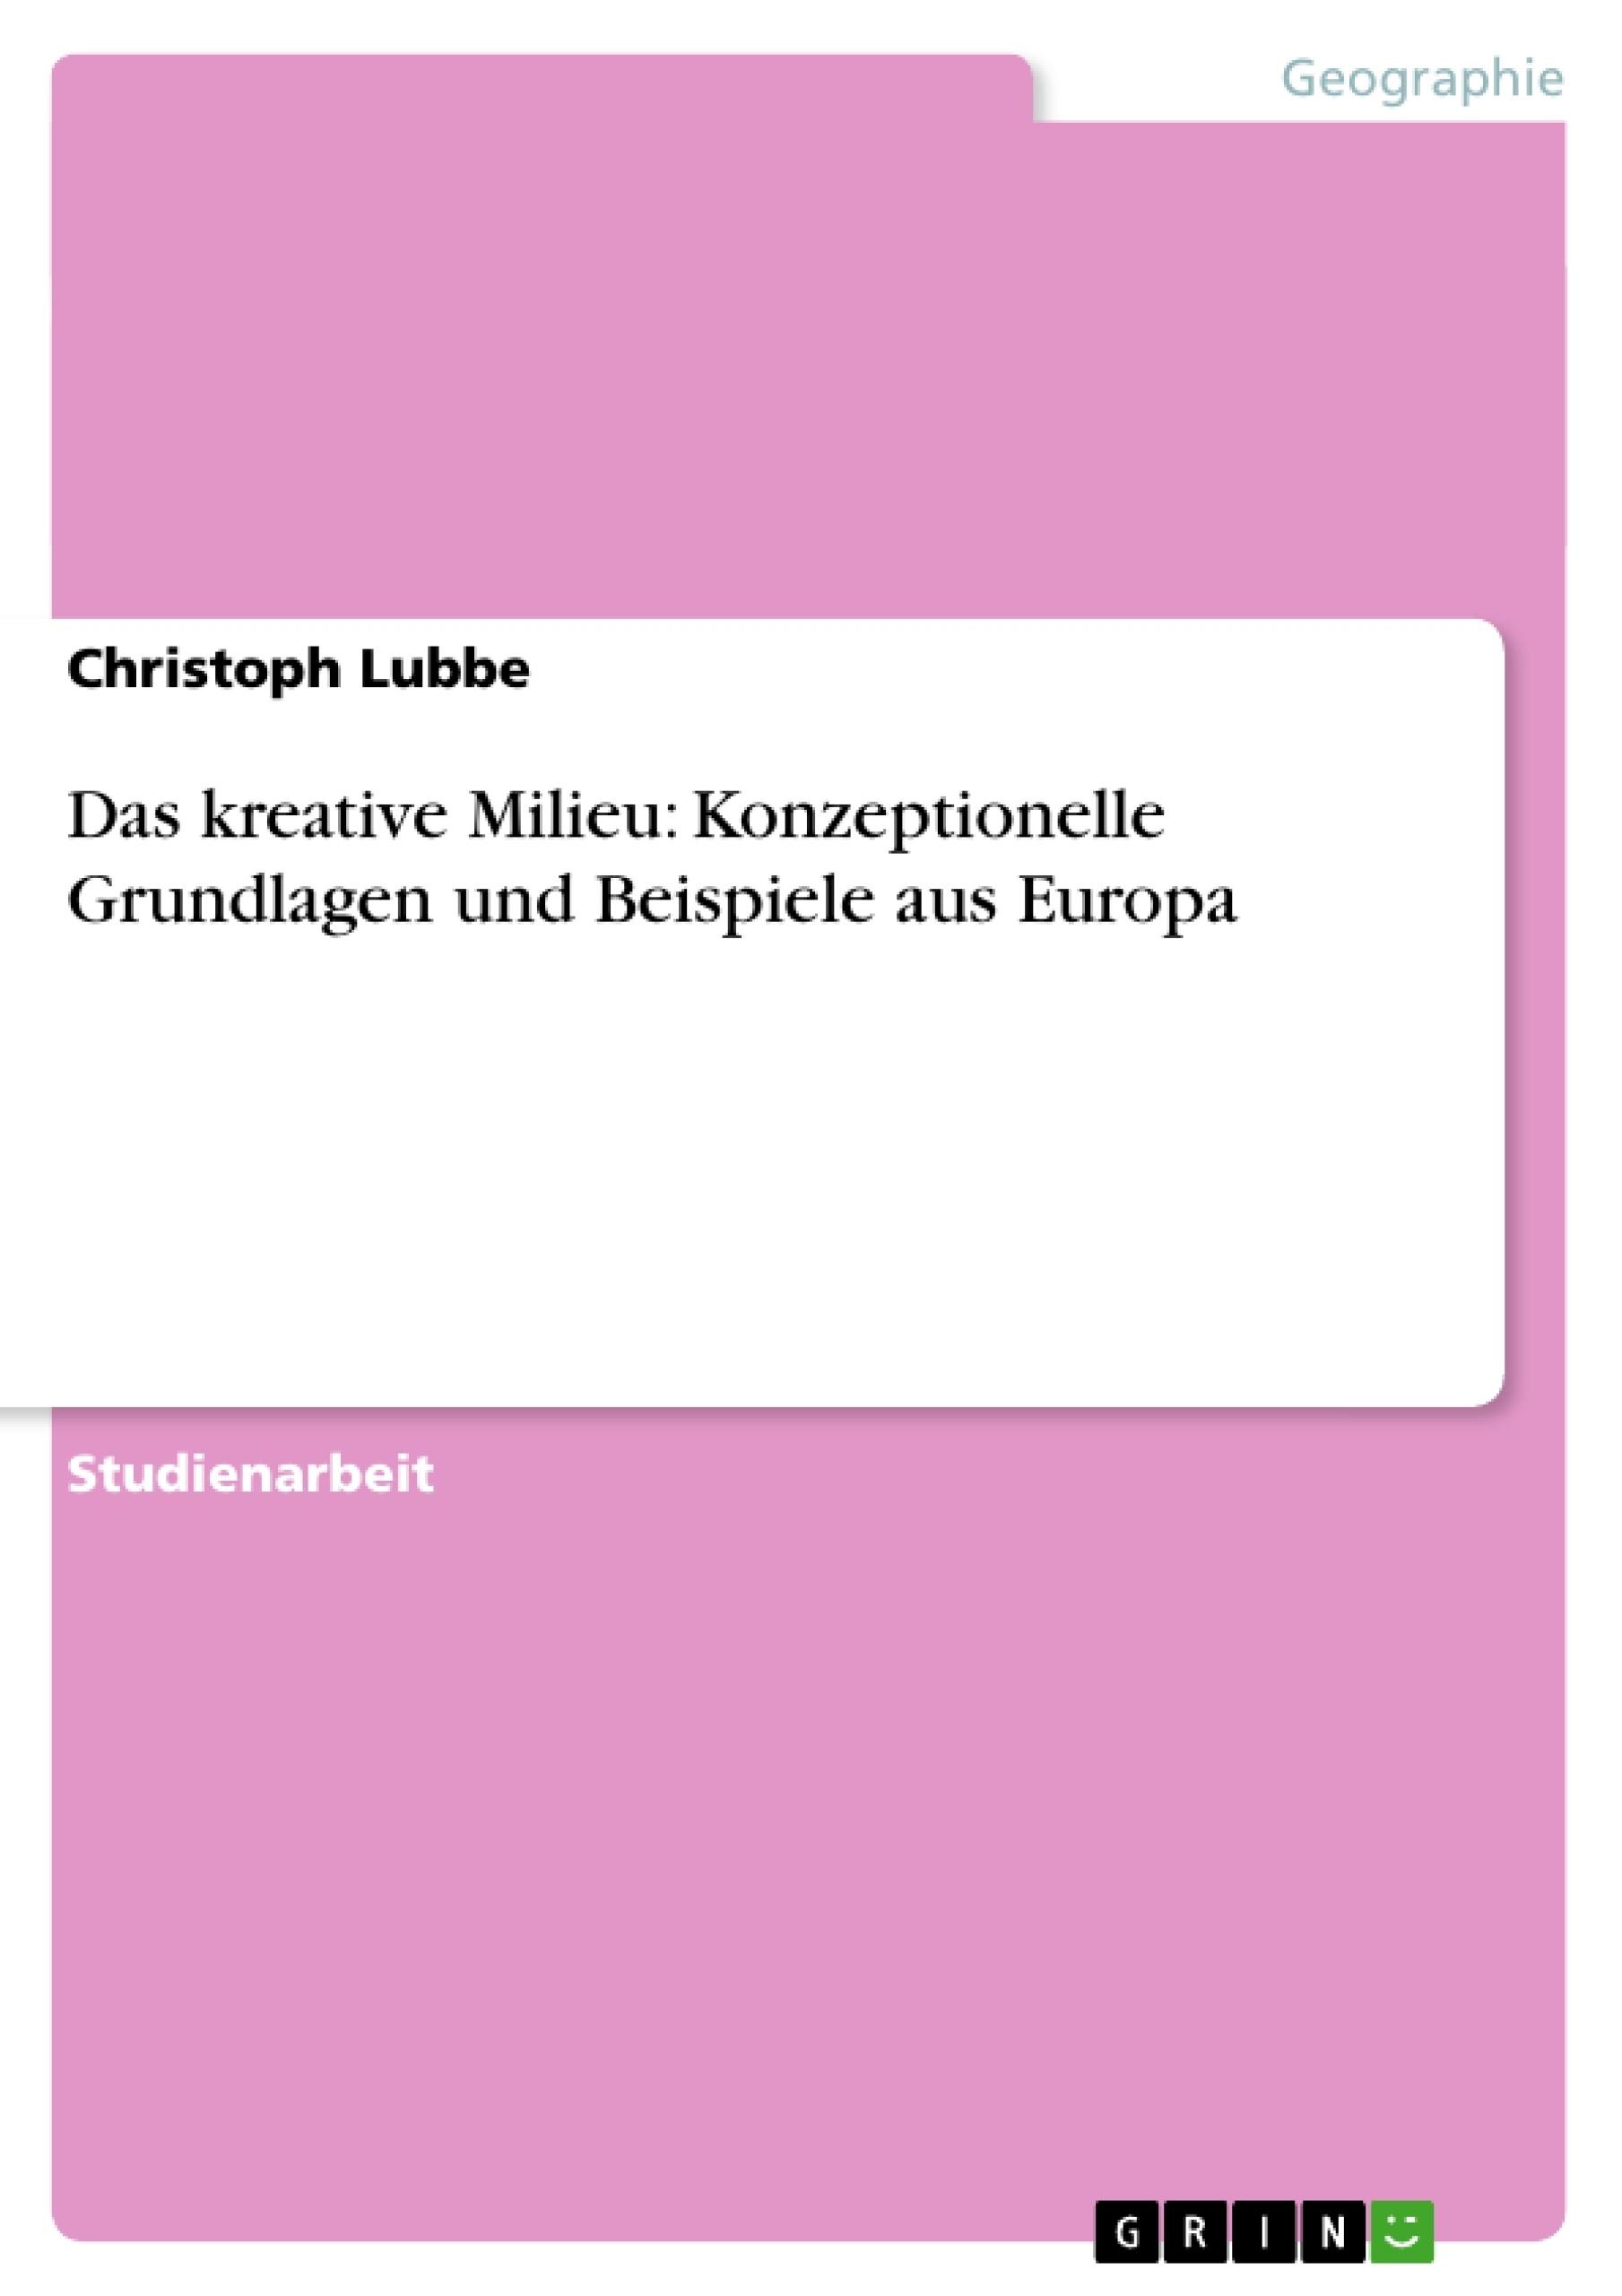 Titel: Das kreative Milieu: Konzeptionelle Grundlagen und Beispiele aus Europa